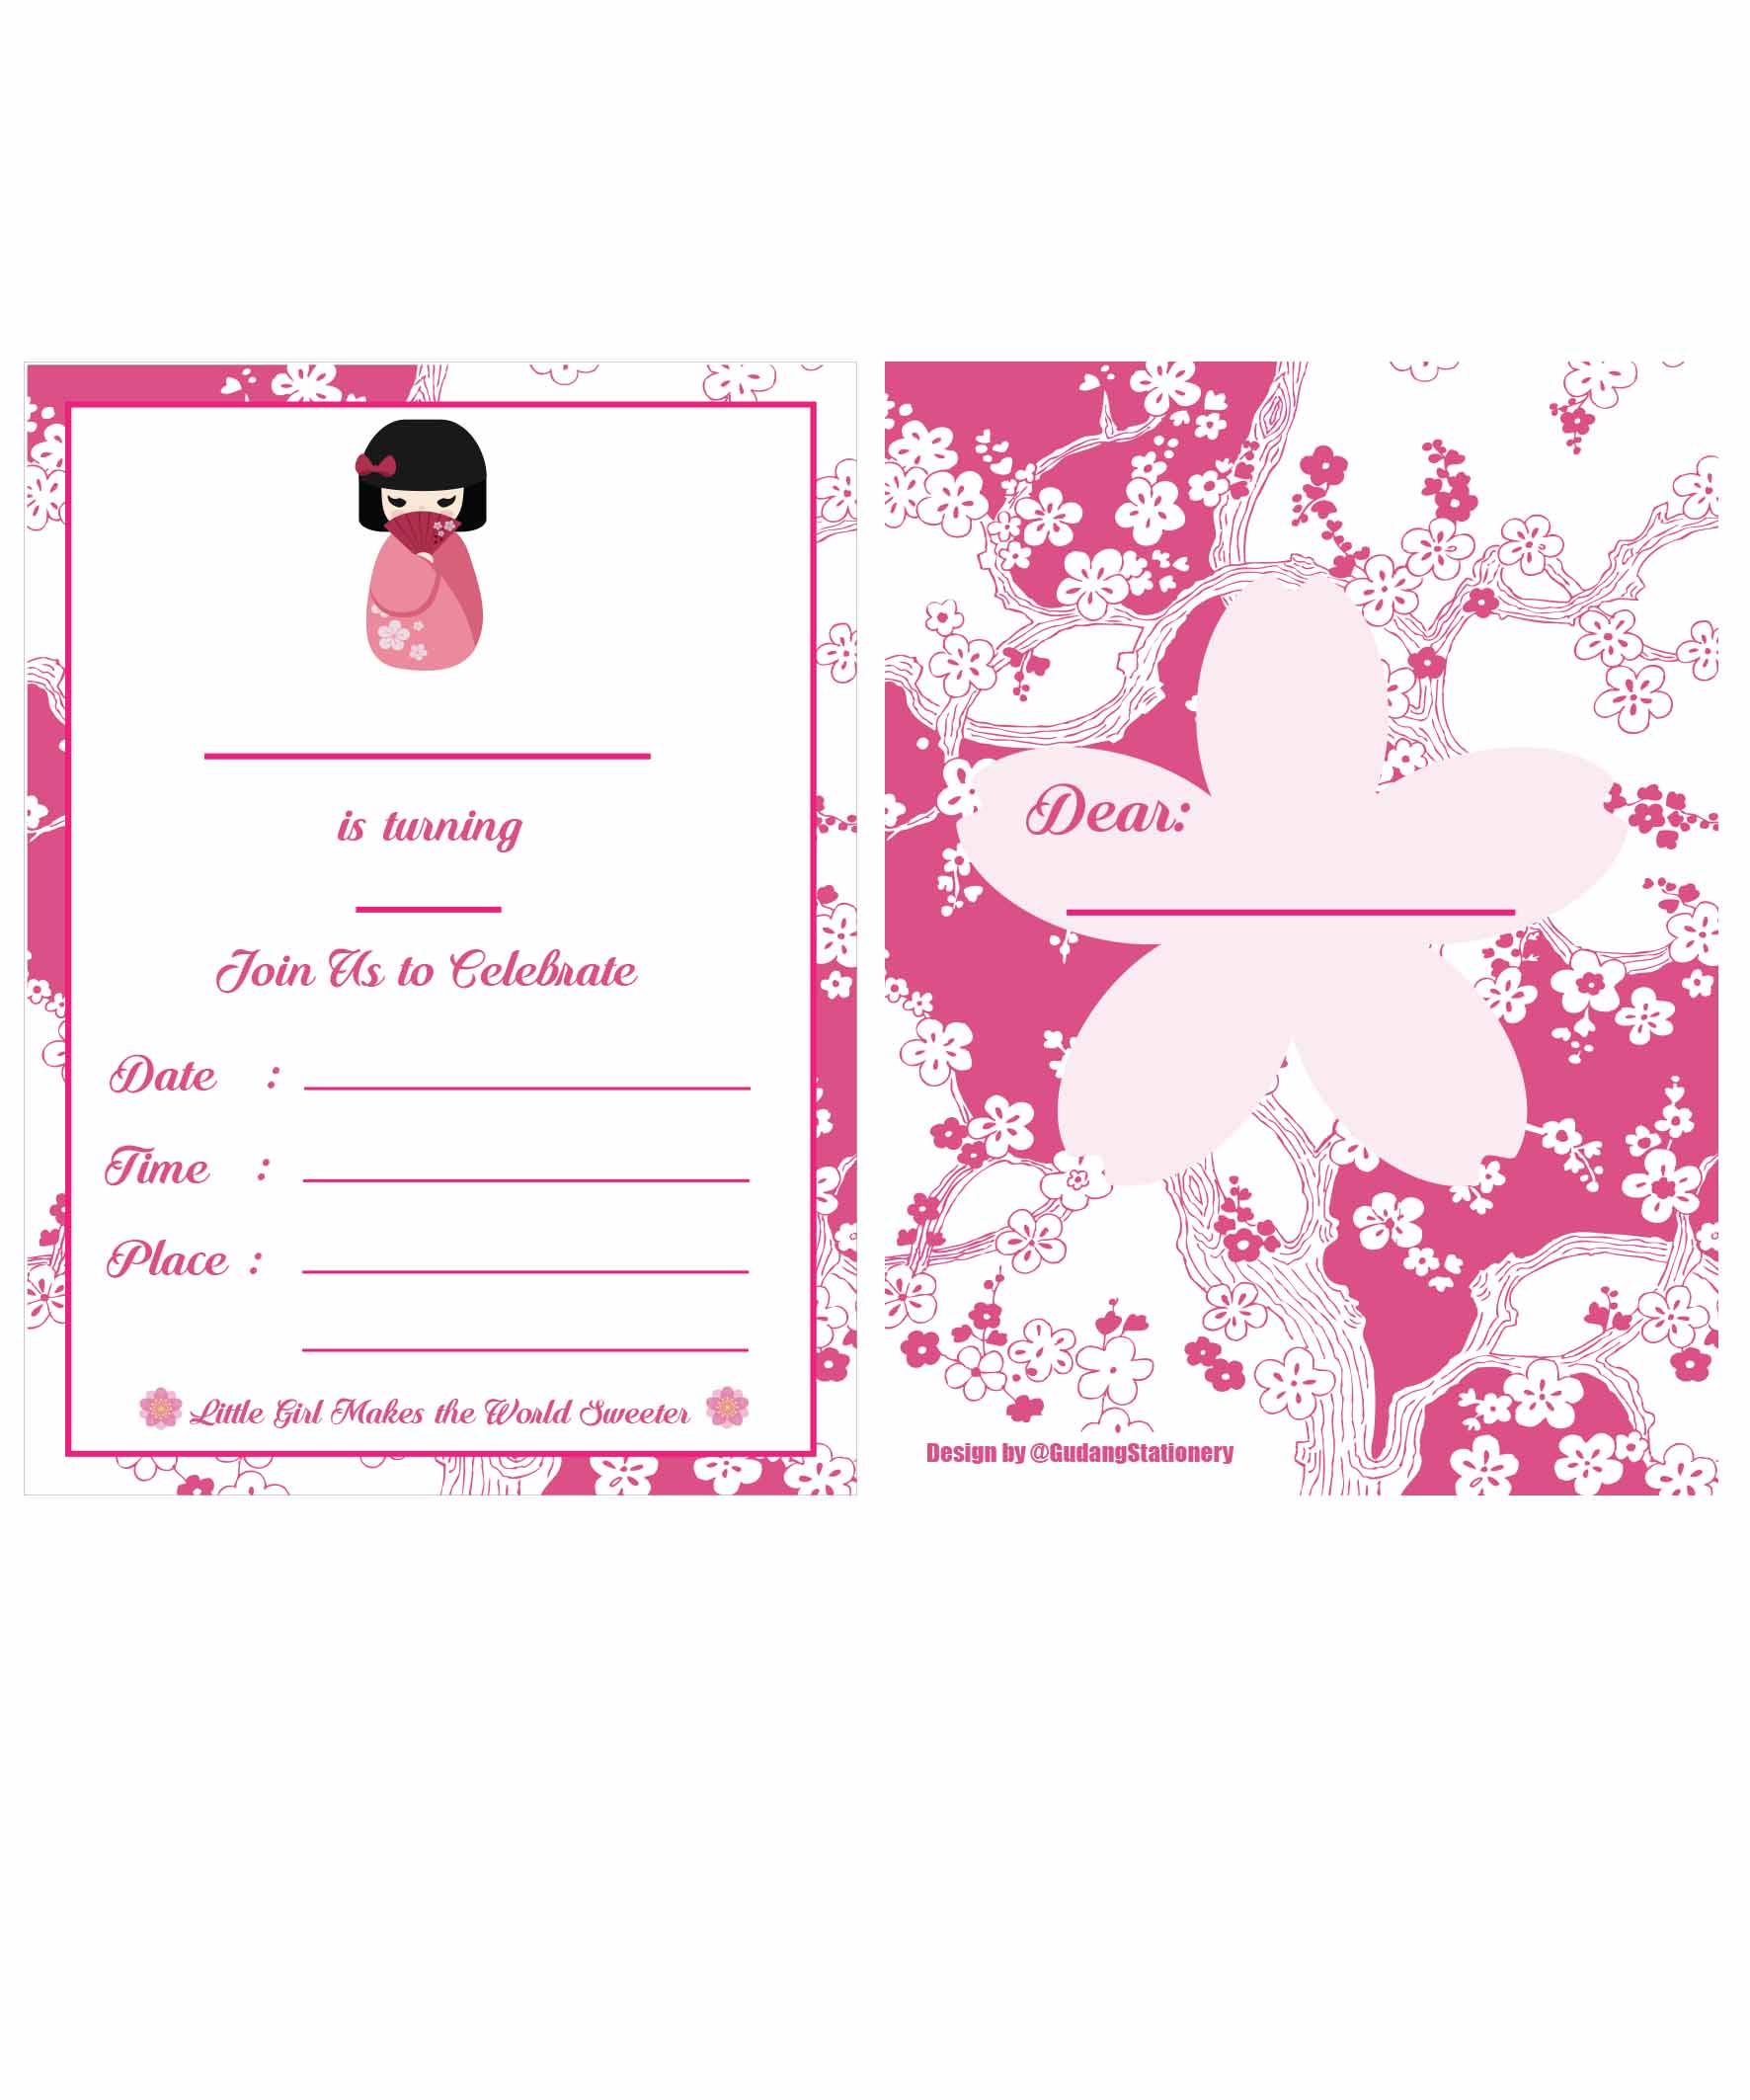 Desain Undangan Ulang Tahun Kosong Inspirasi Pernikahan